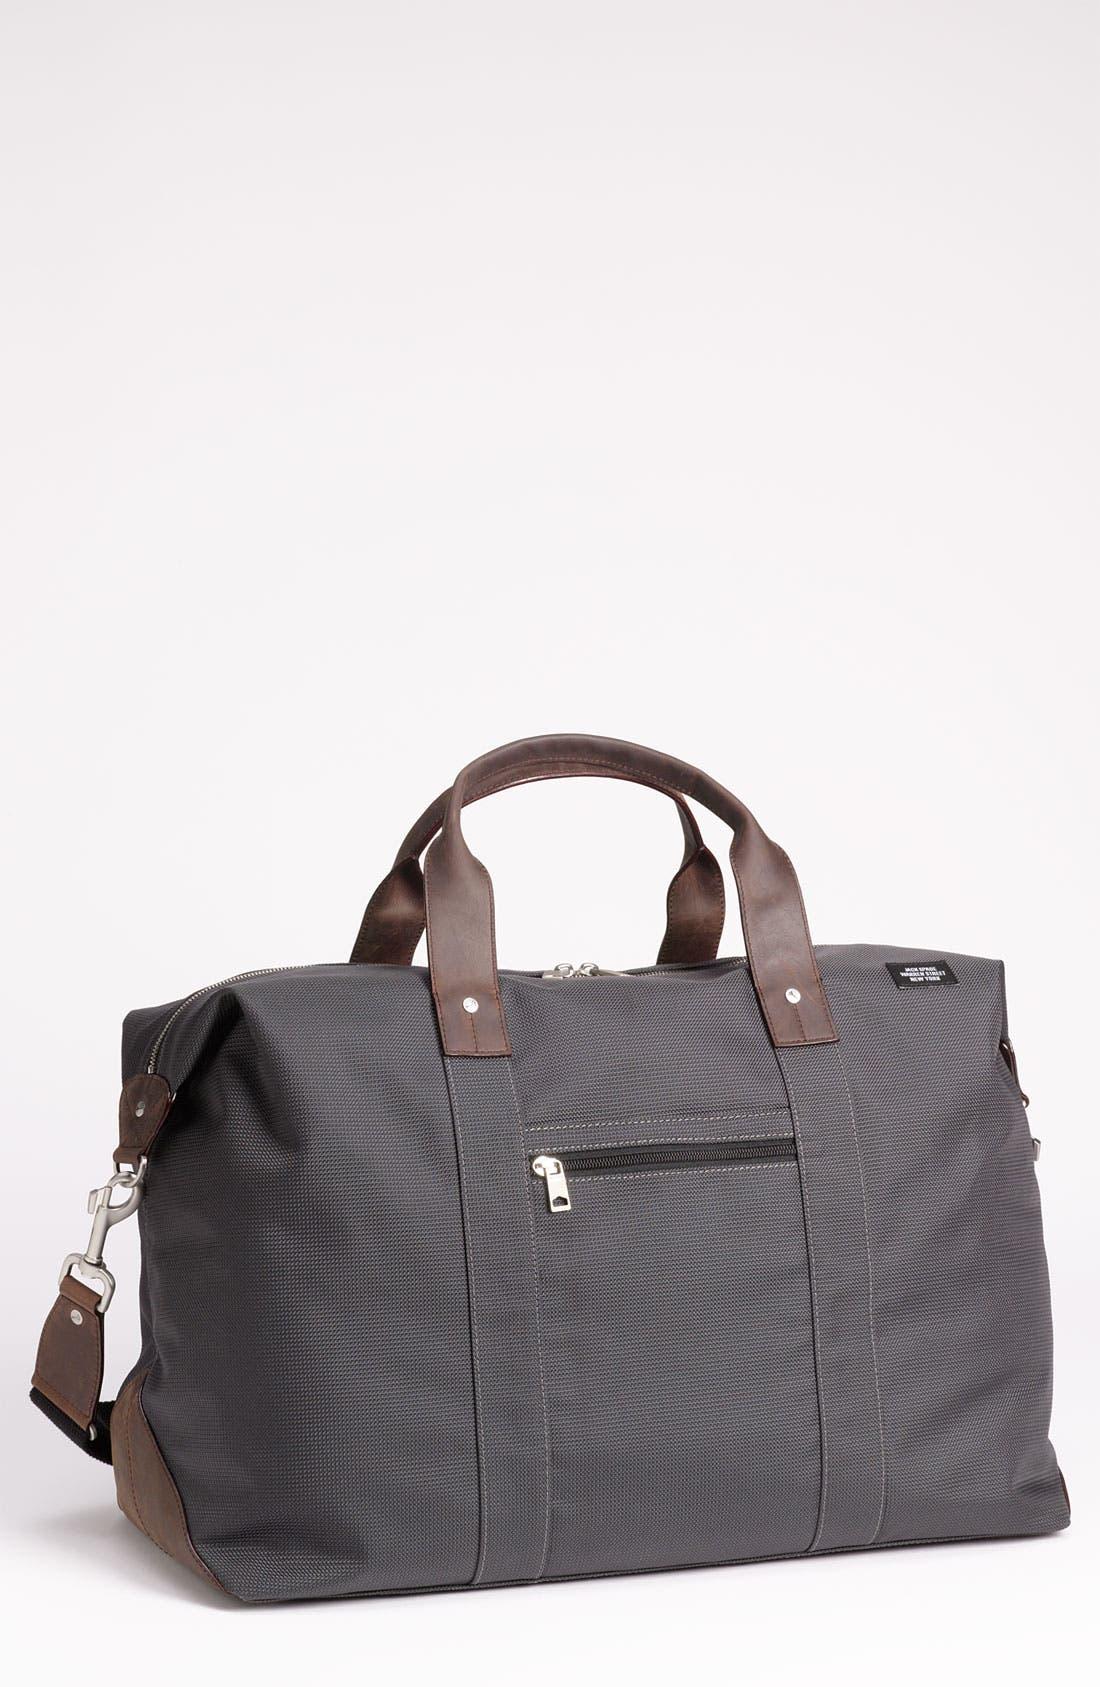 Alternate Image 1 Selected - Jack Spade 'Wing' Nylon Duffel Bag